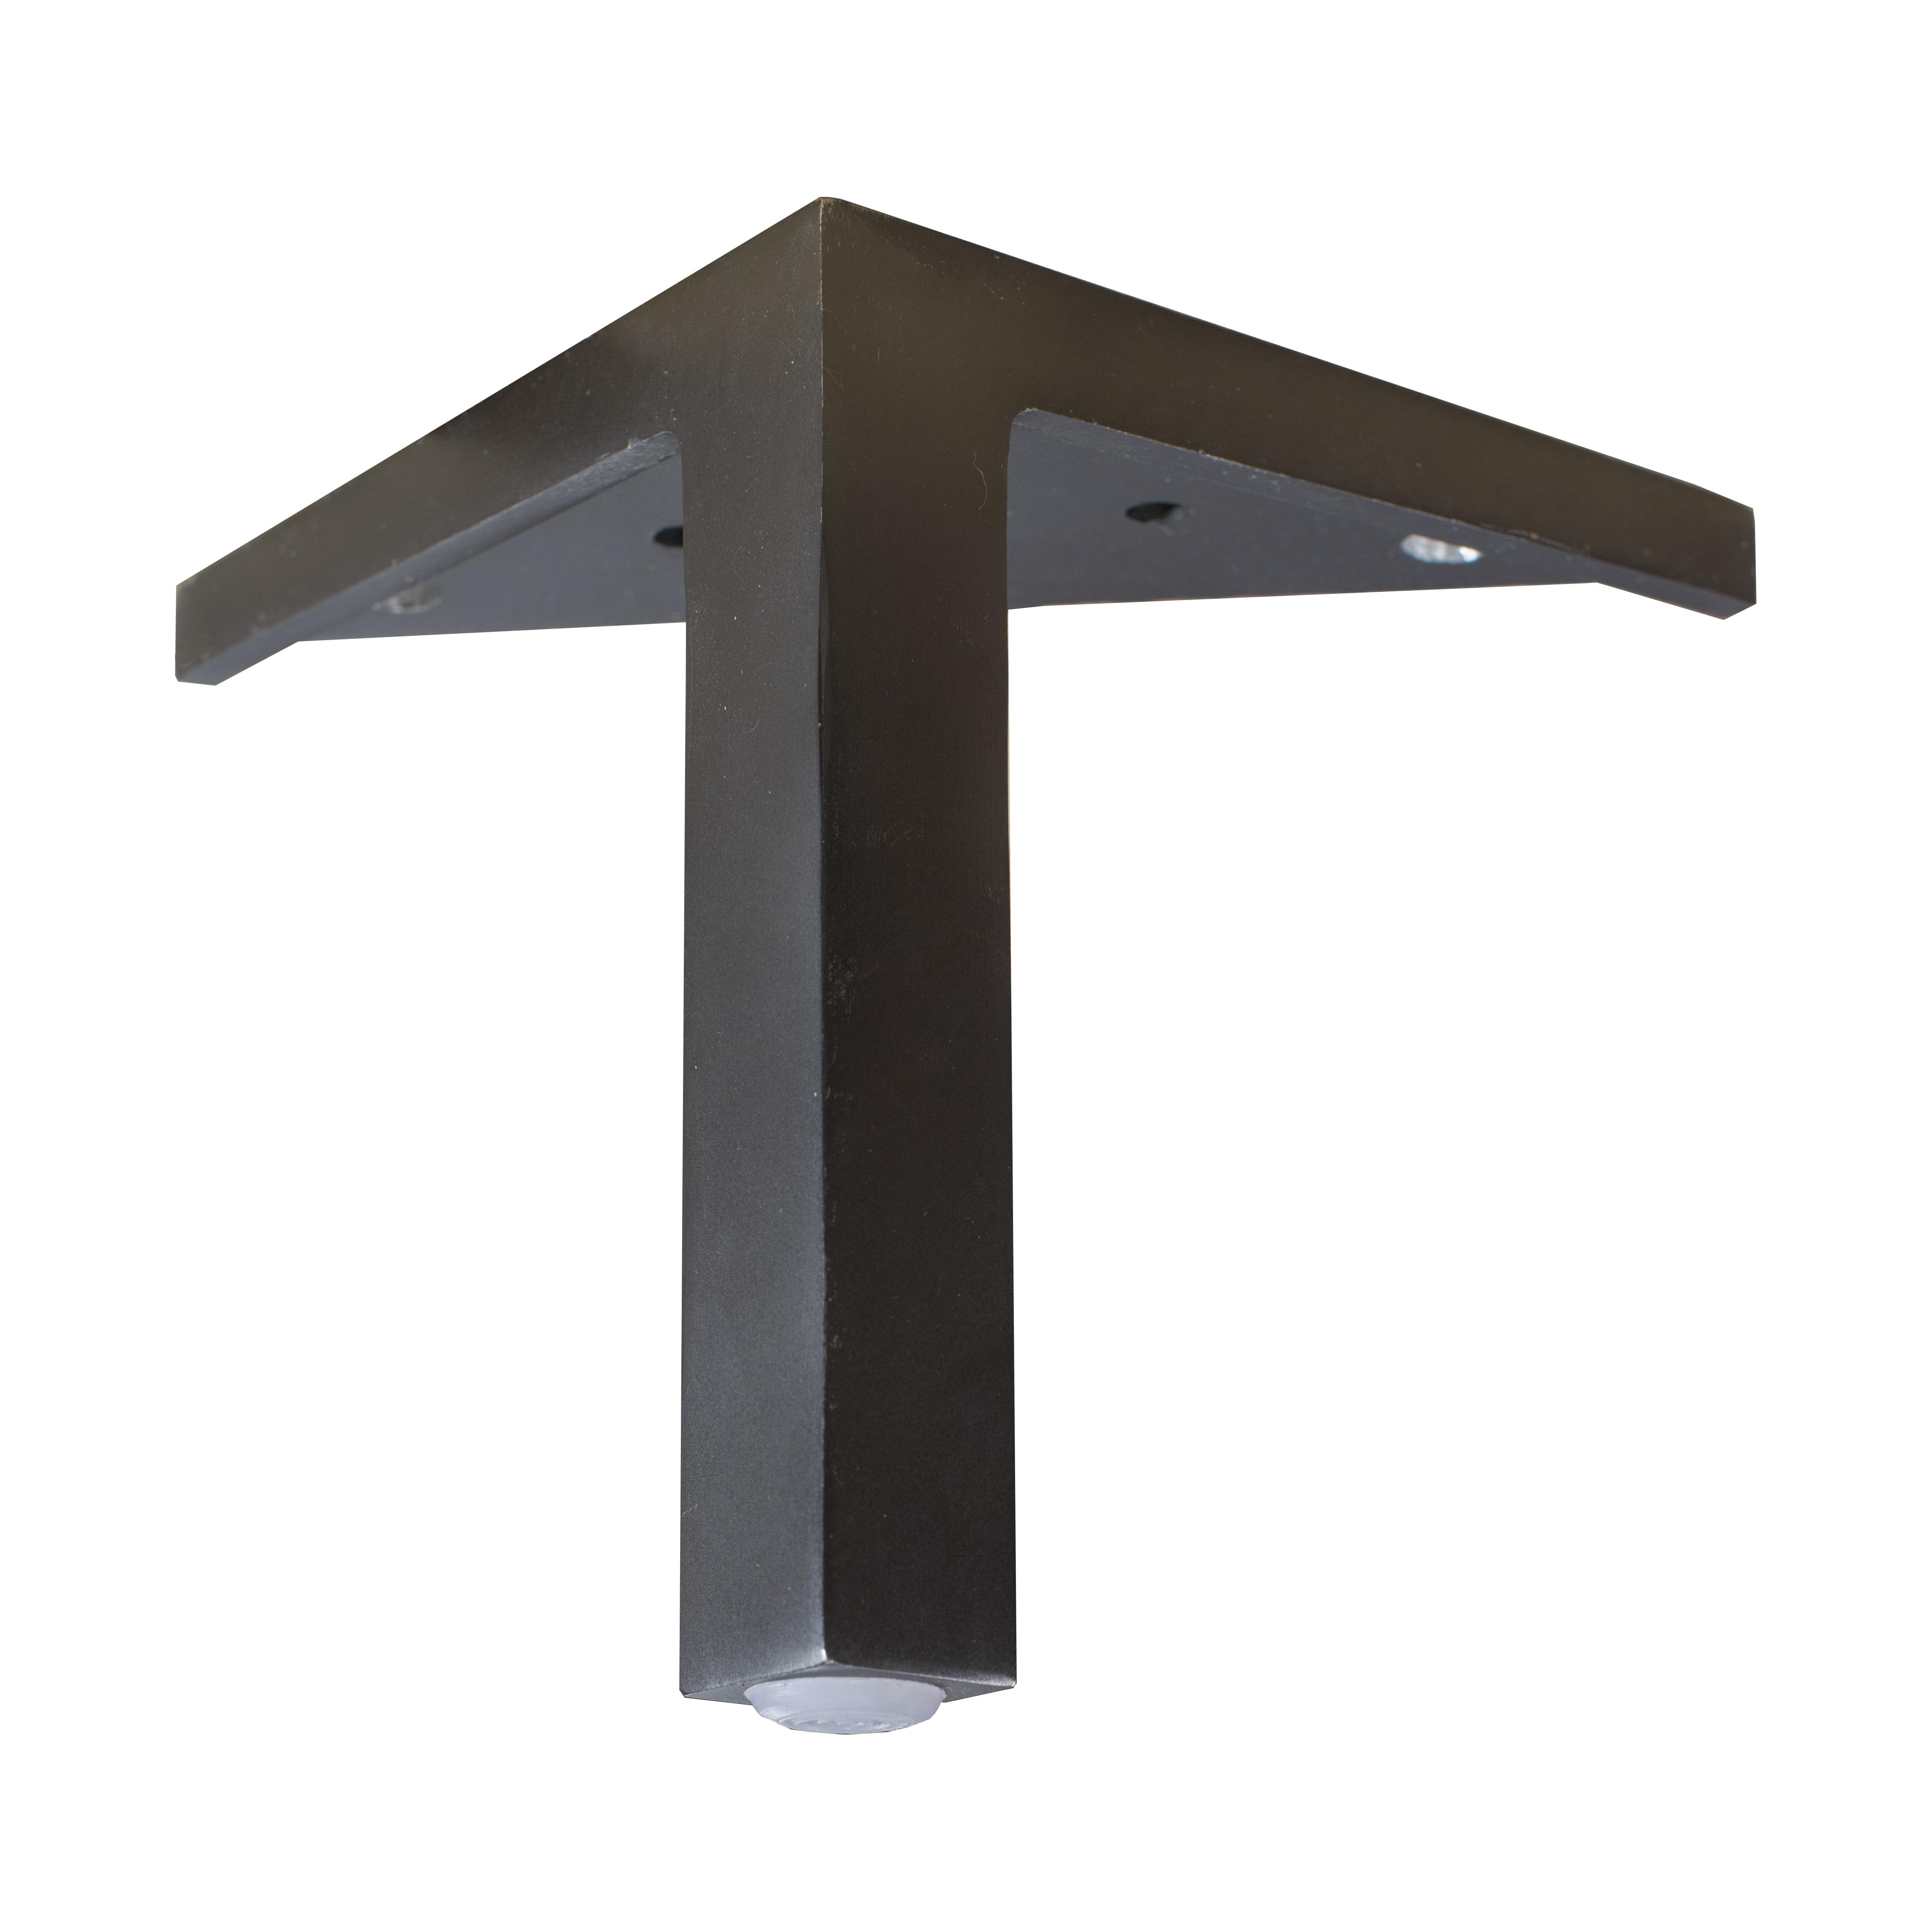 15 cm Mind ben i svart metall med synligt hörnfäste - englesson.se